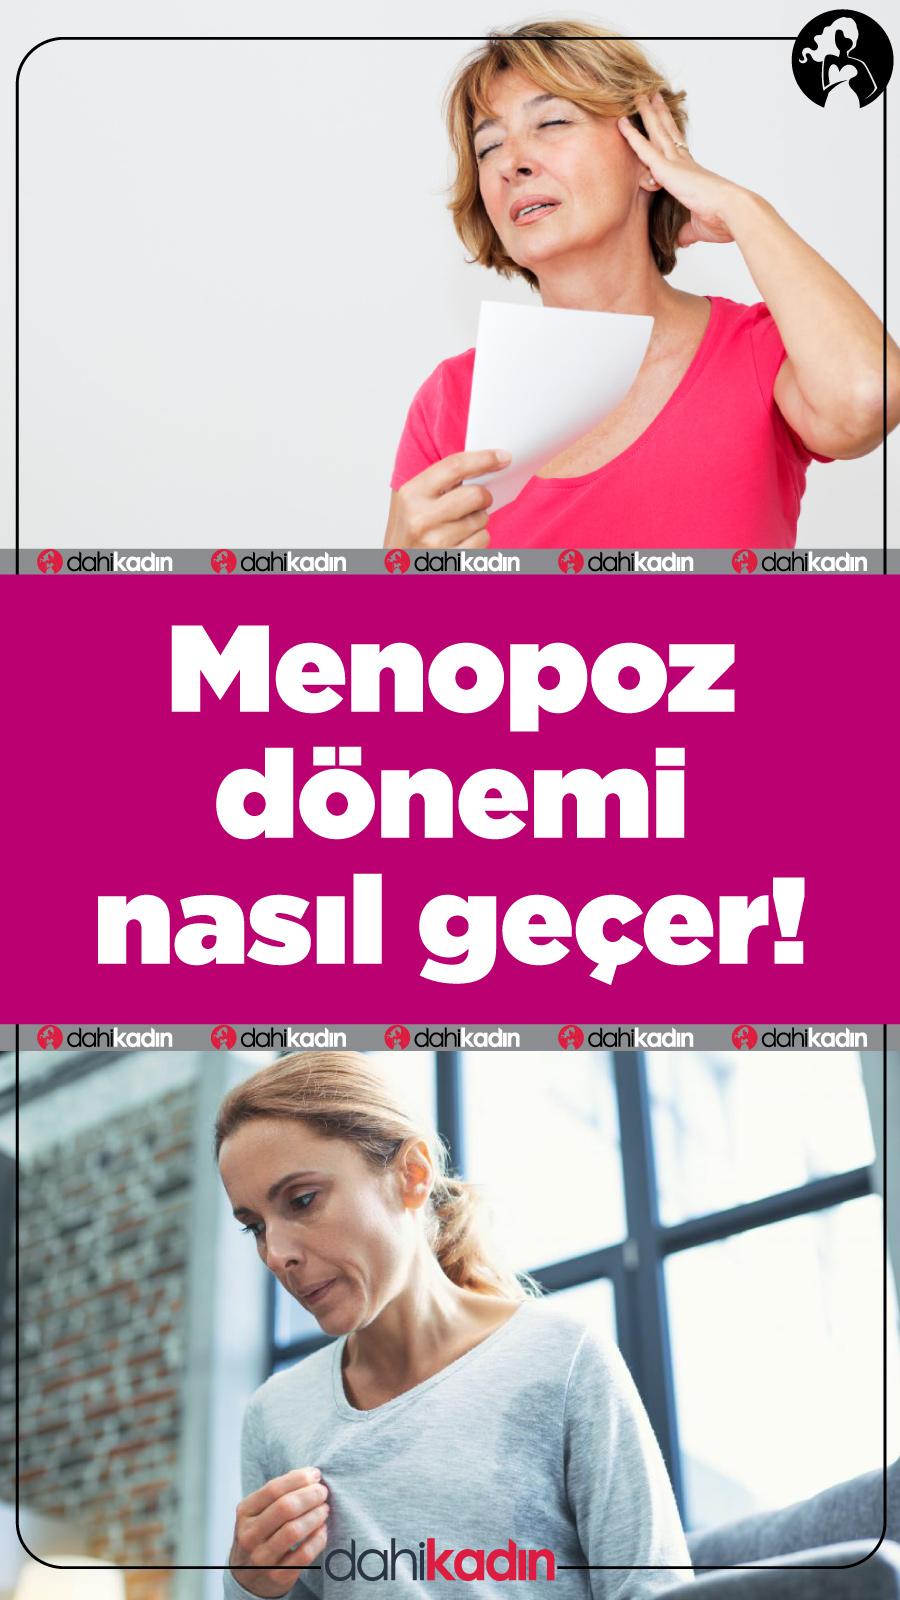 Menopoz dönemi nasıl geçer! Menopozda neler yapılmalı?